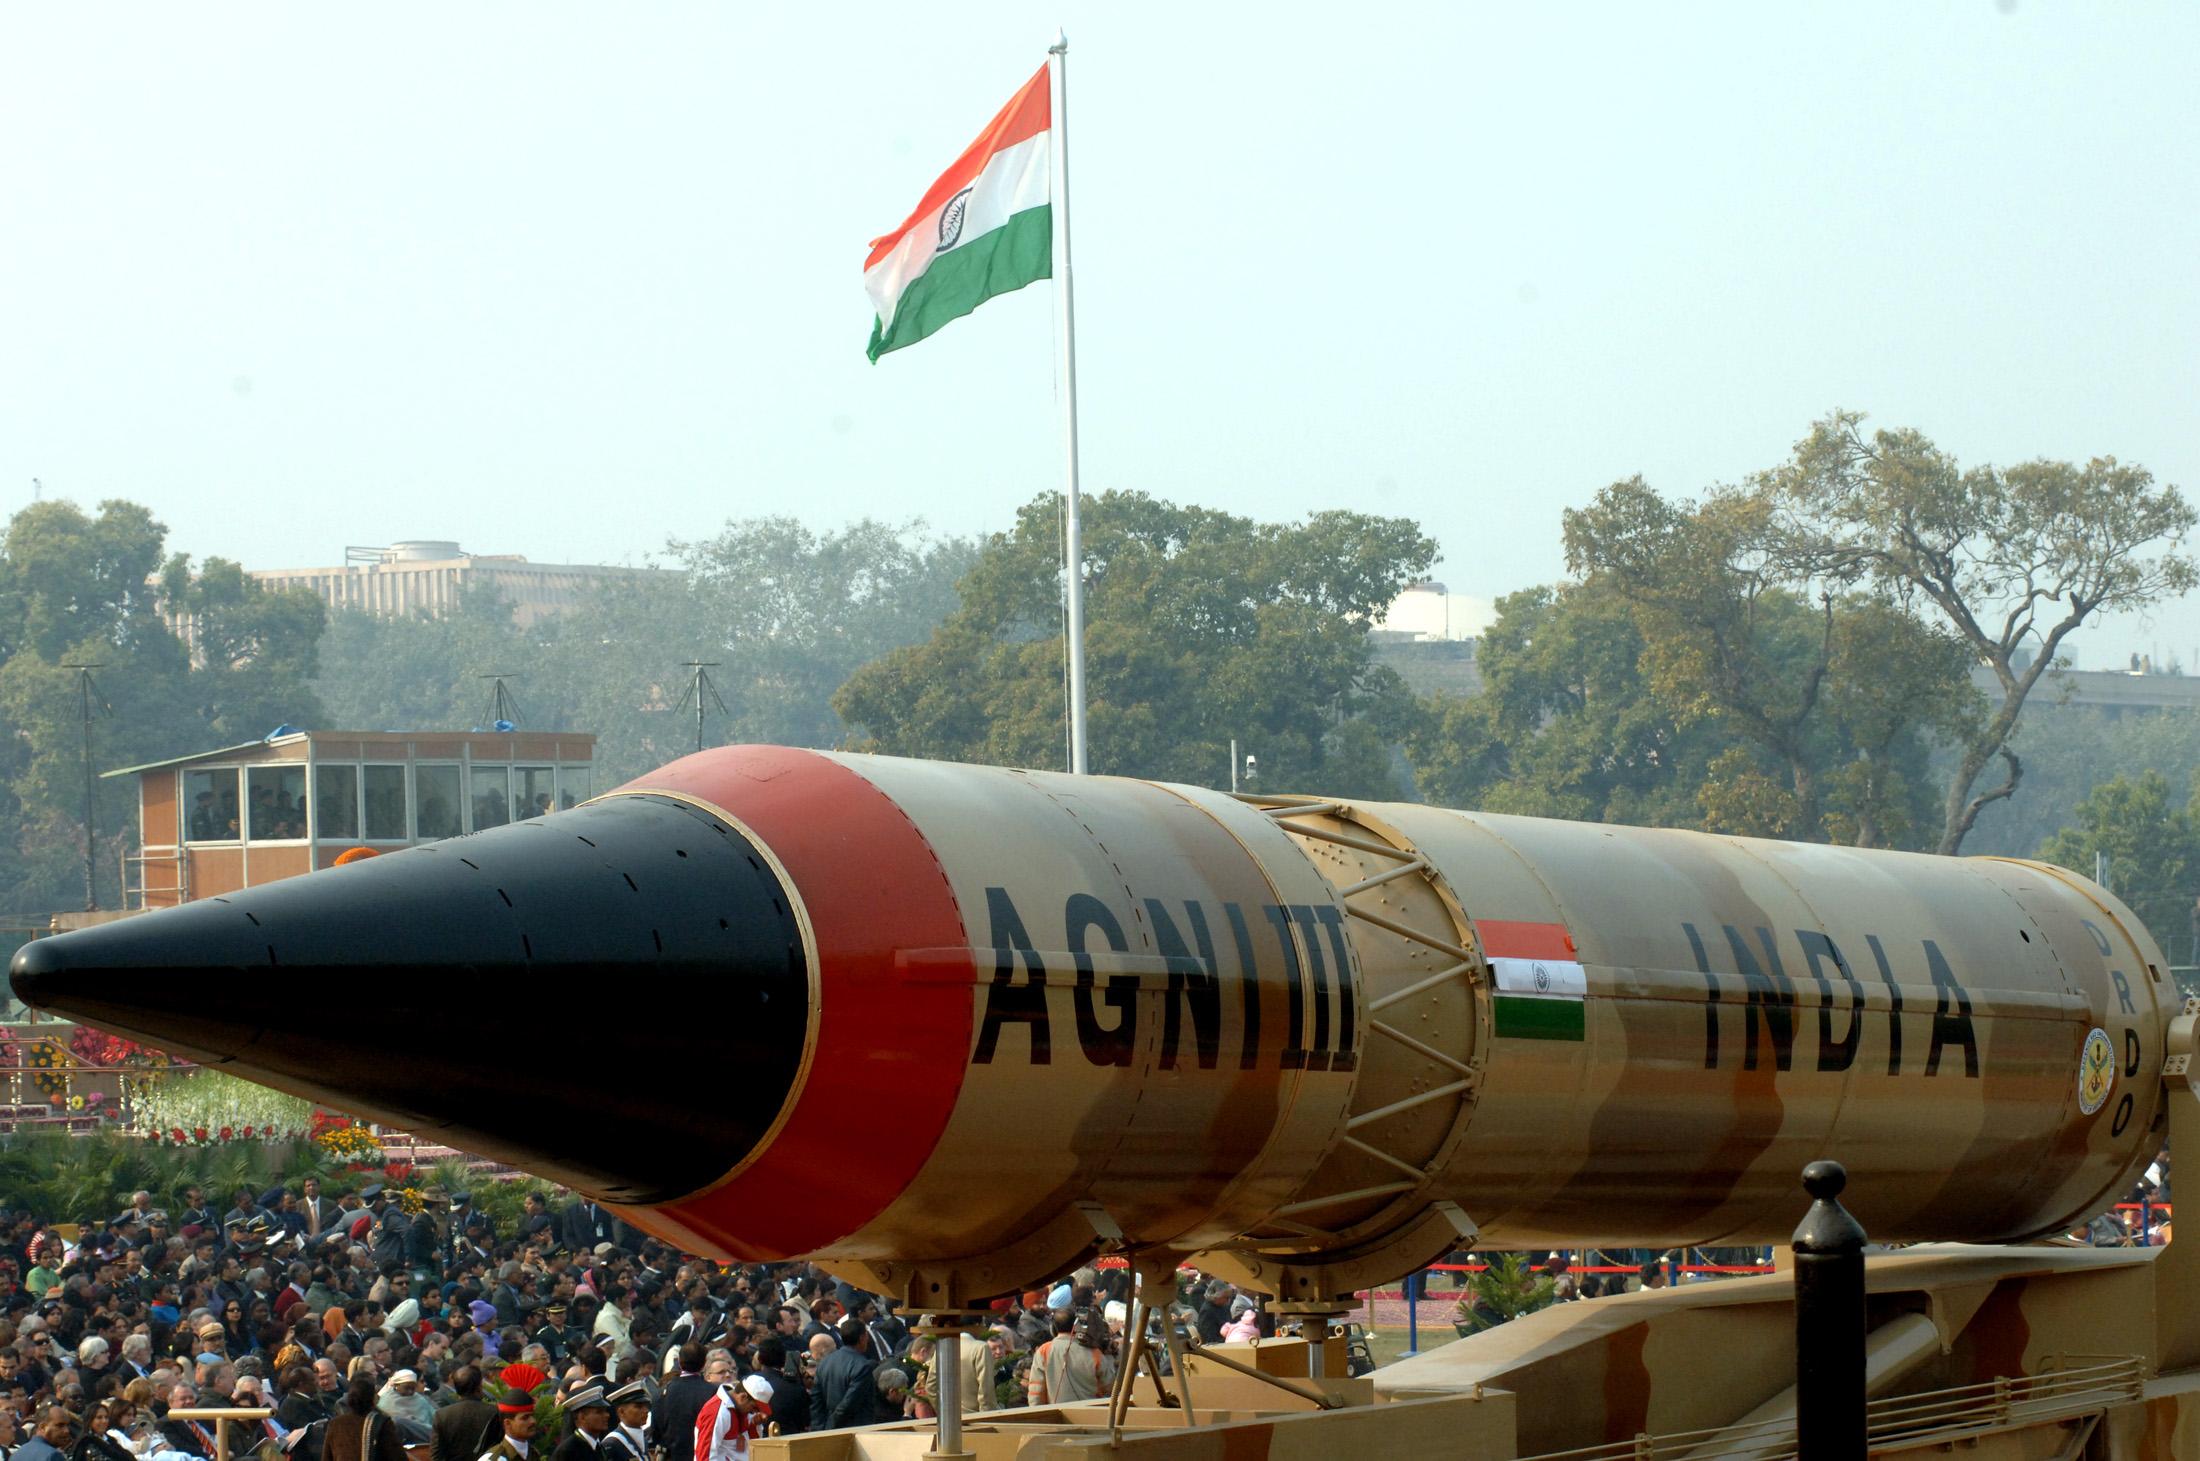 Ấn Độ lại thử tên lửa đạn đạo Agni III